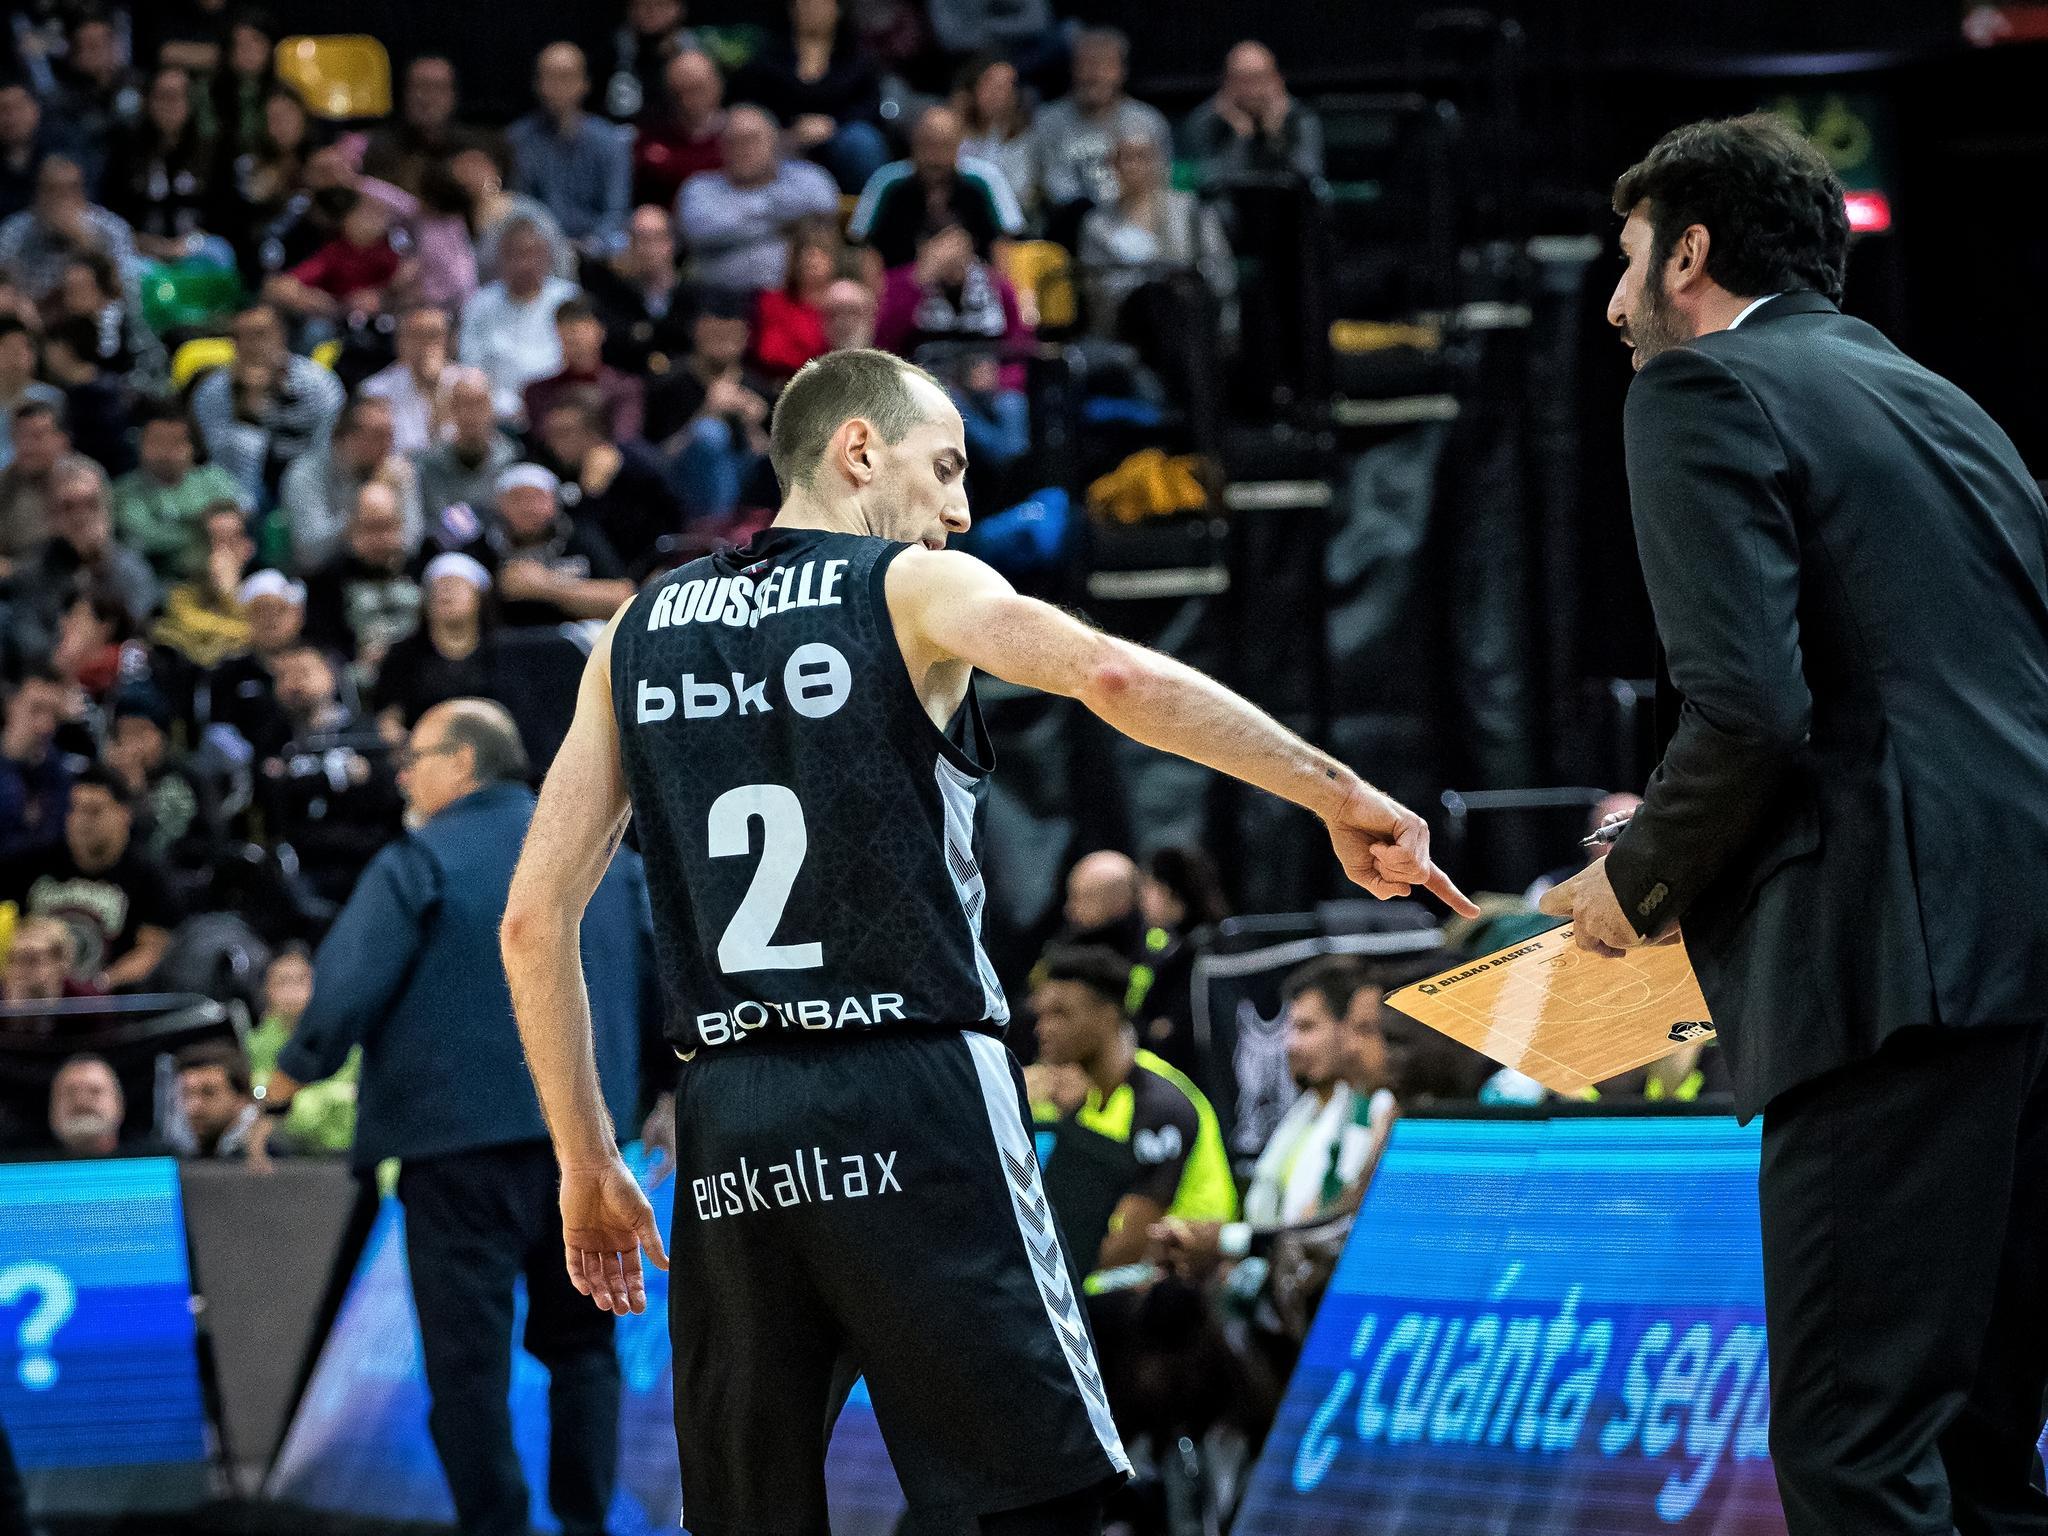 Rousselle y Mumbrú planean una jugada (Foto: Luis Fernando Boo).